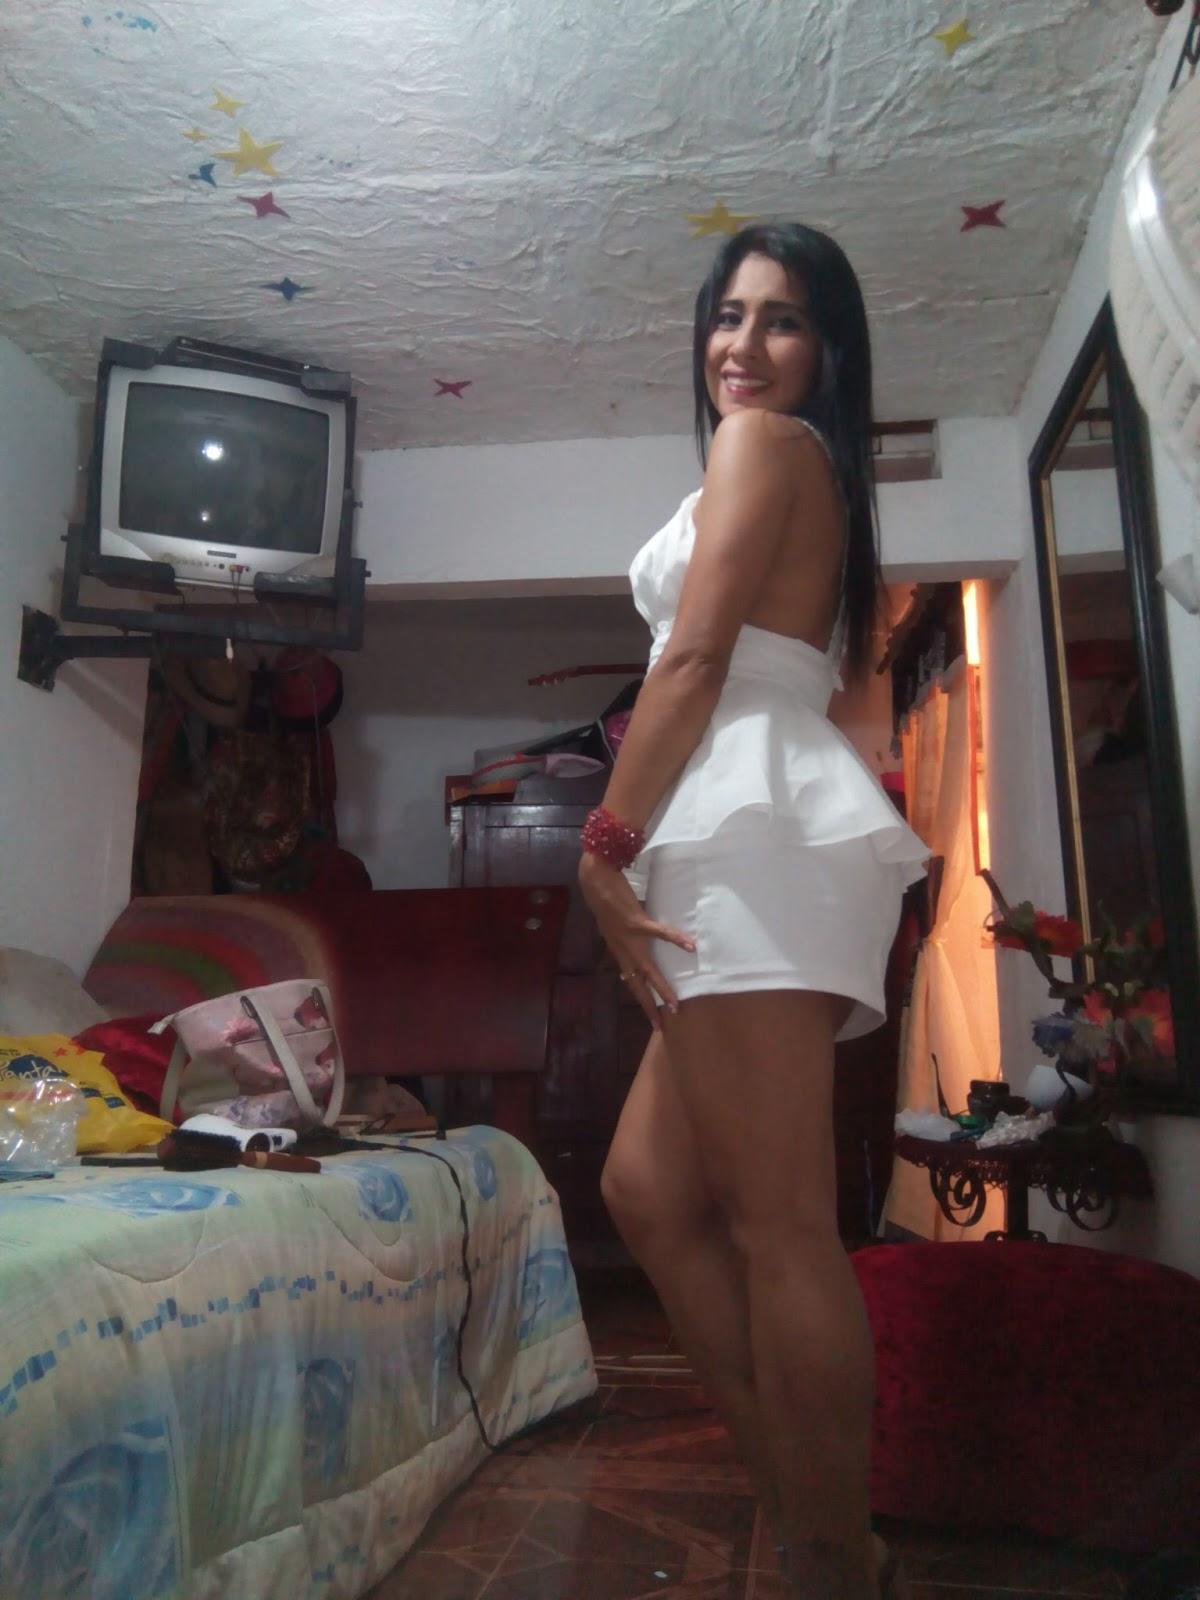 fotos de mujeres dominicanas buscando hombres